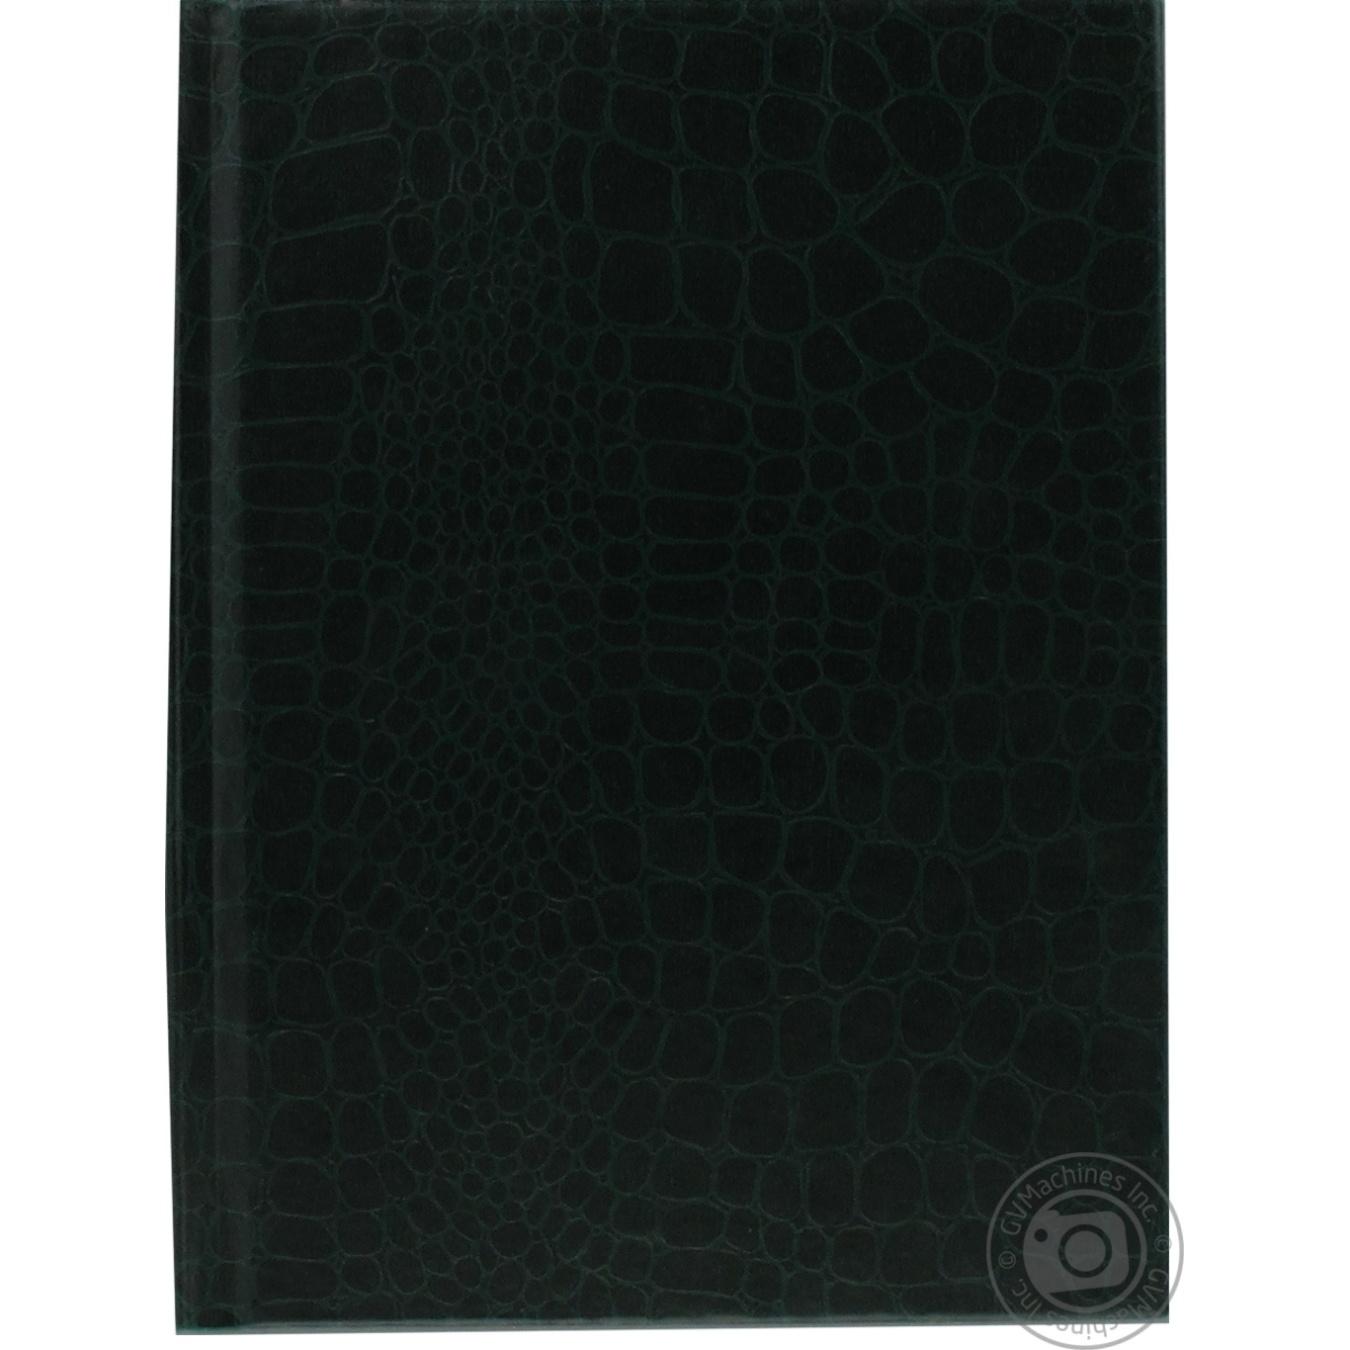 Купить Зошити, блокноти, папір, Блокнот Economix А5 80арк